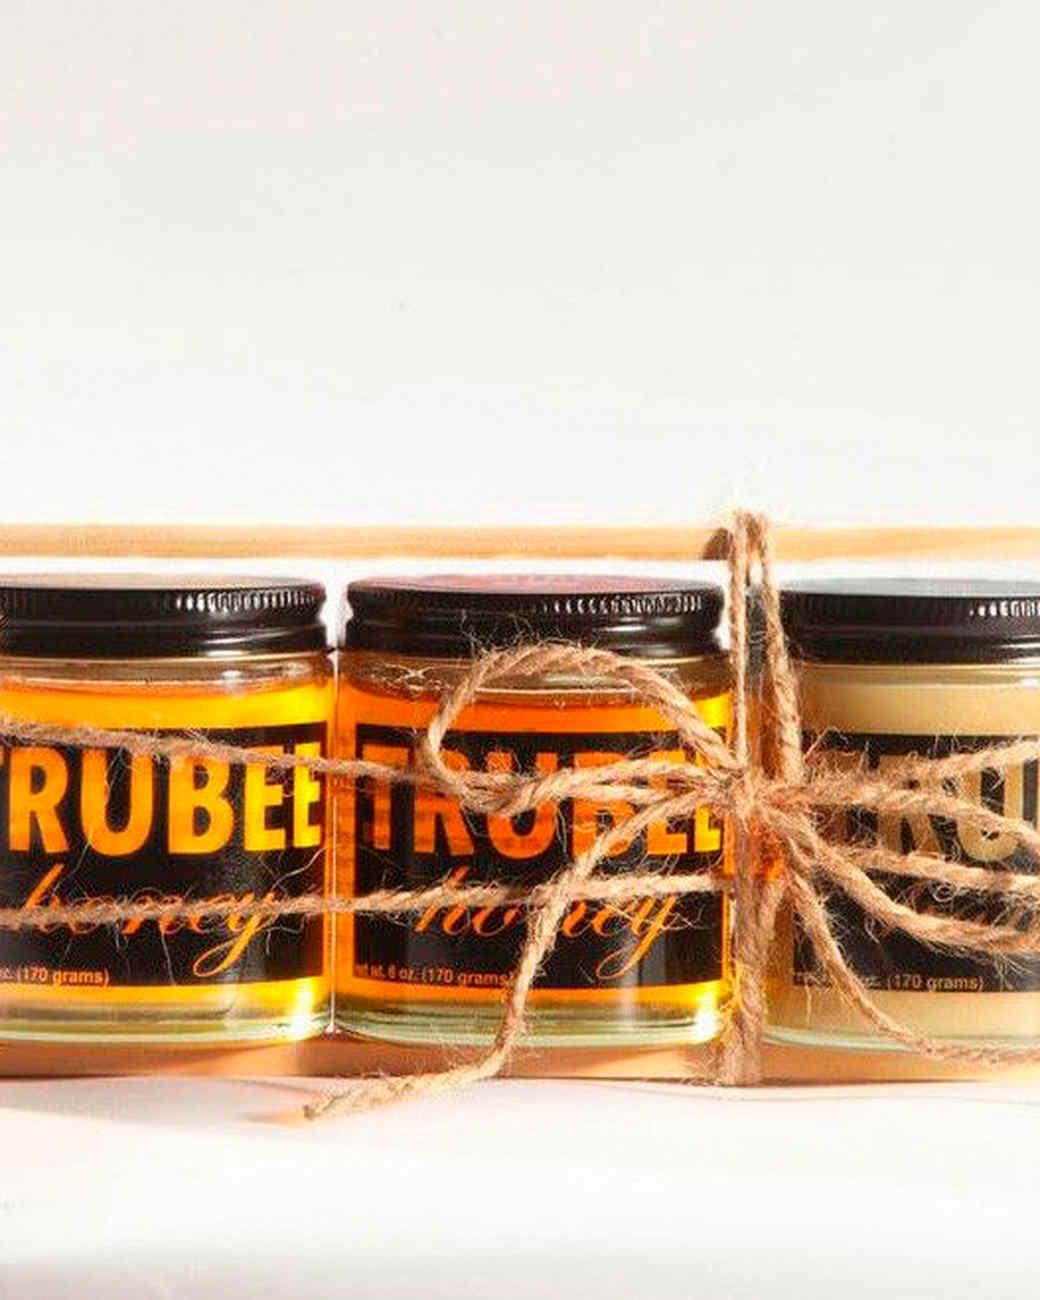 trubee-honey-sampler-am-032014.jpg